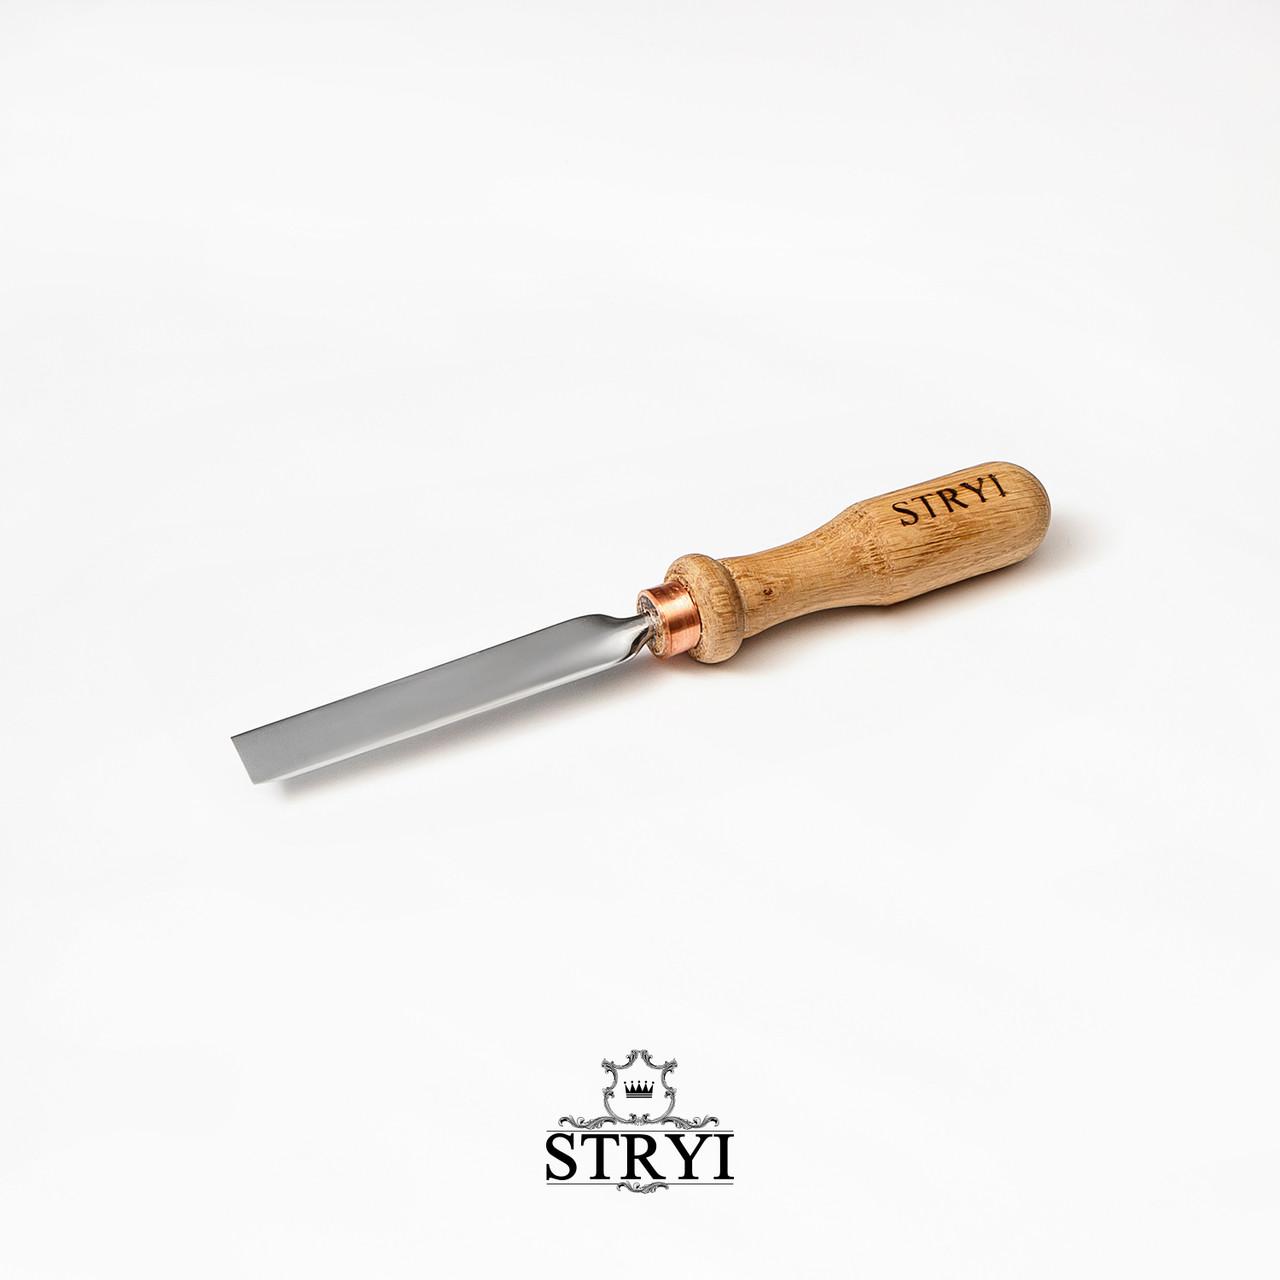 Стамеска профессиональная плоская STRYI 15мм, от производителя